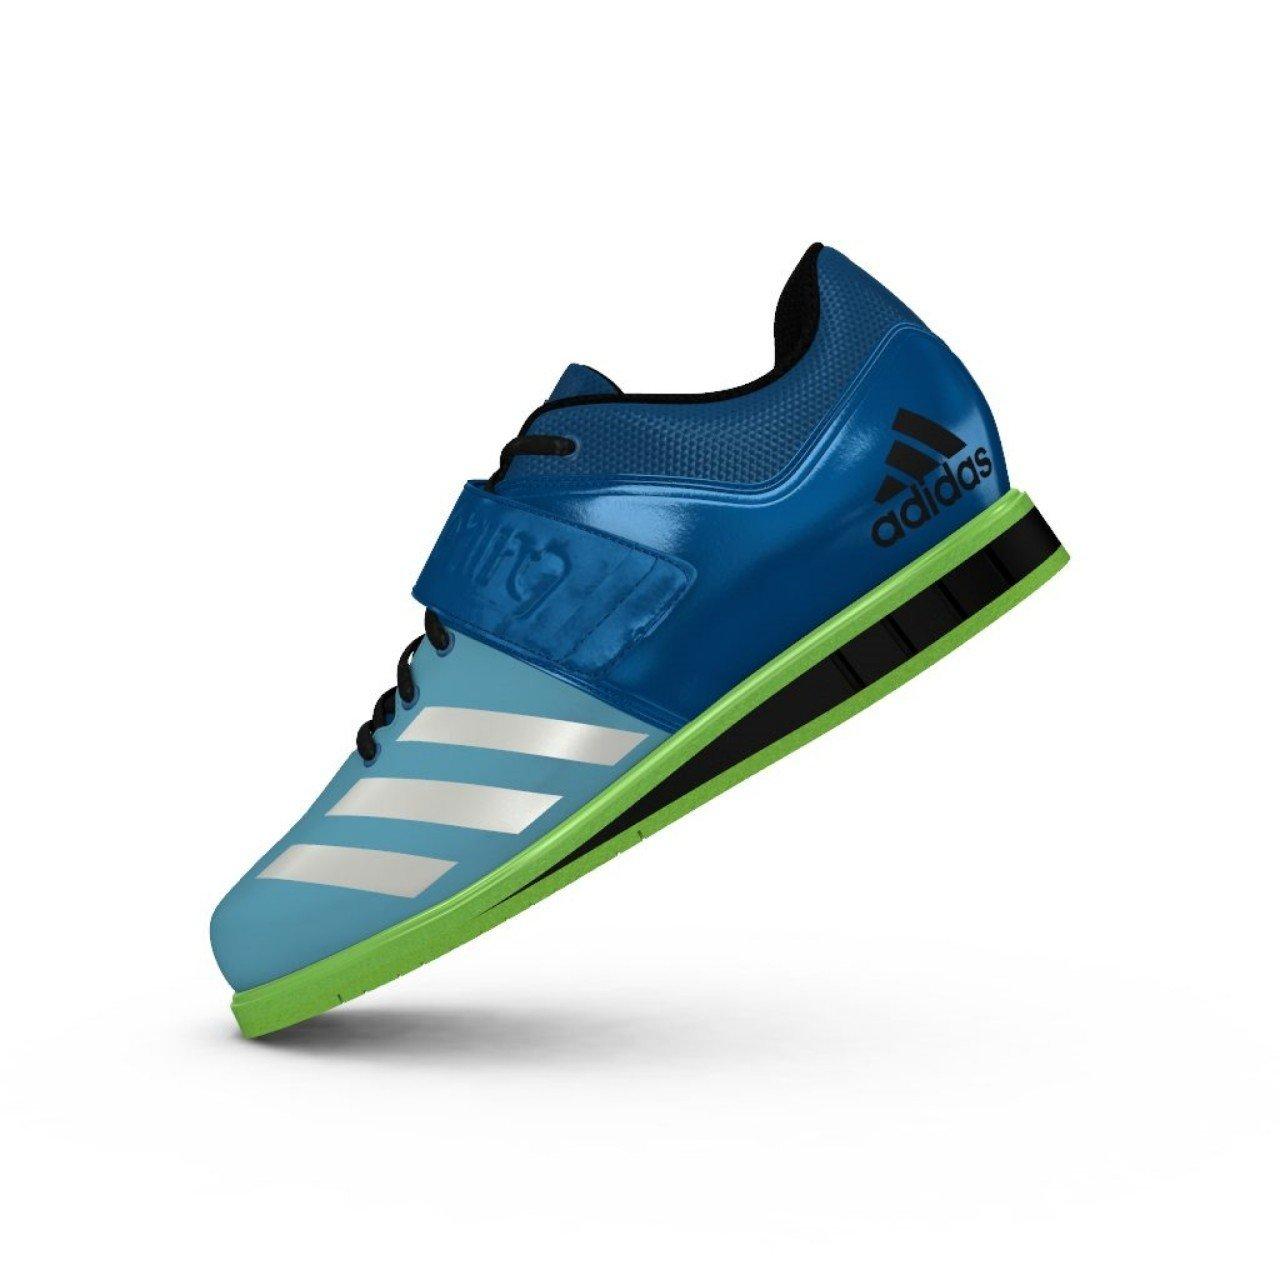 Adidas Powerlift.3 a € 79,99 | Miglior prezzo su idealo